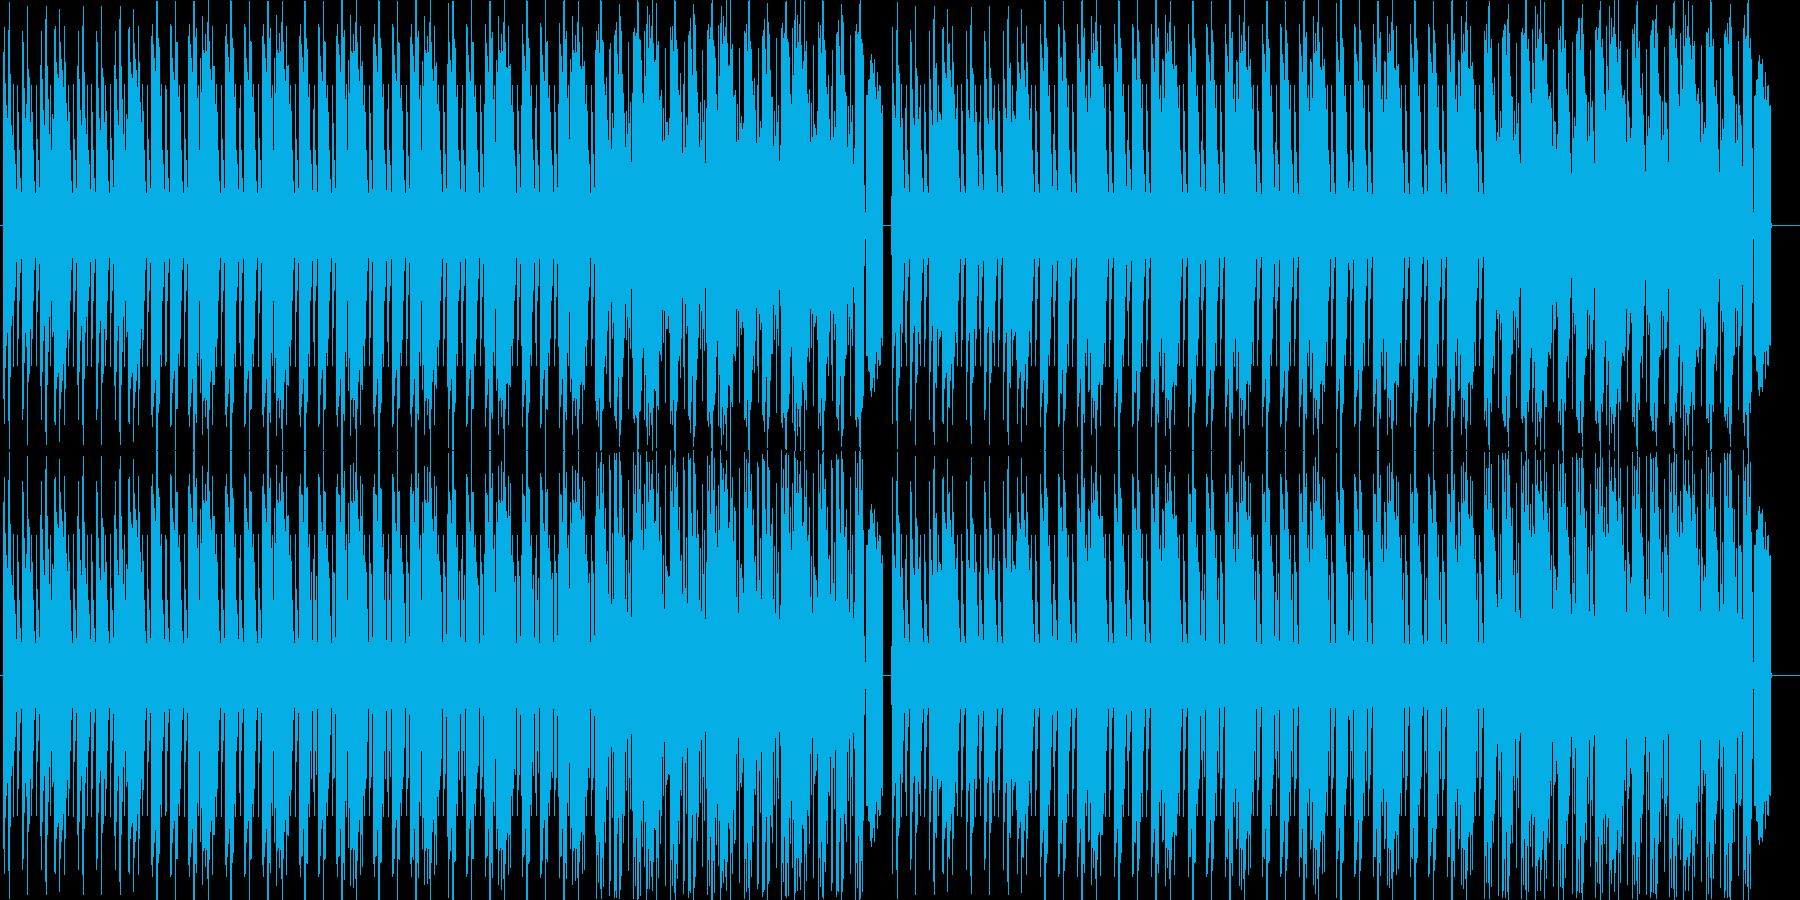 あやしげな4つ打ちの再生済みの波形